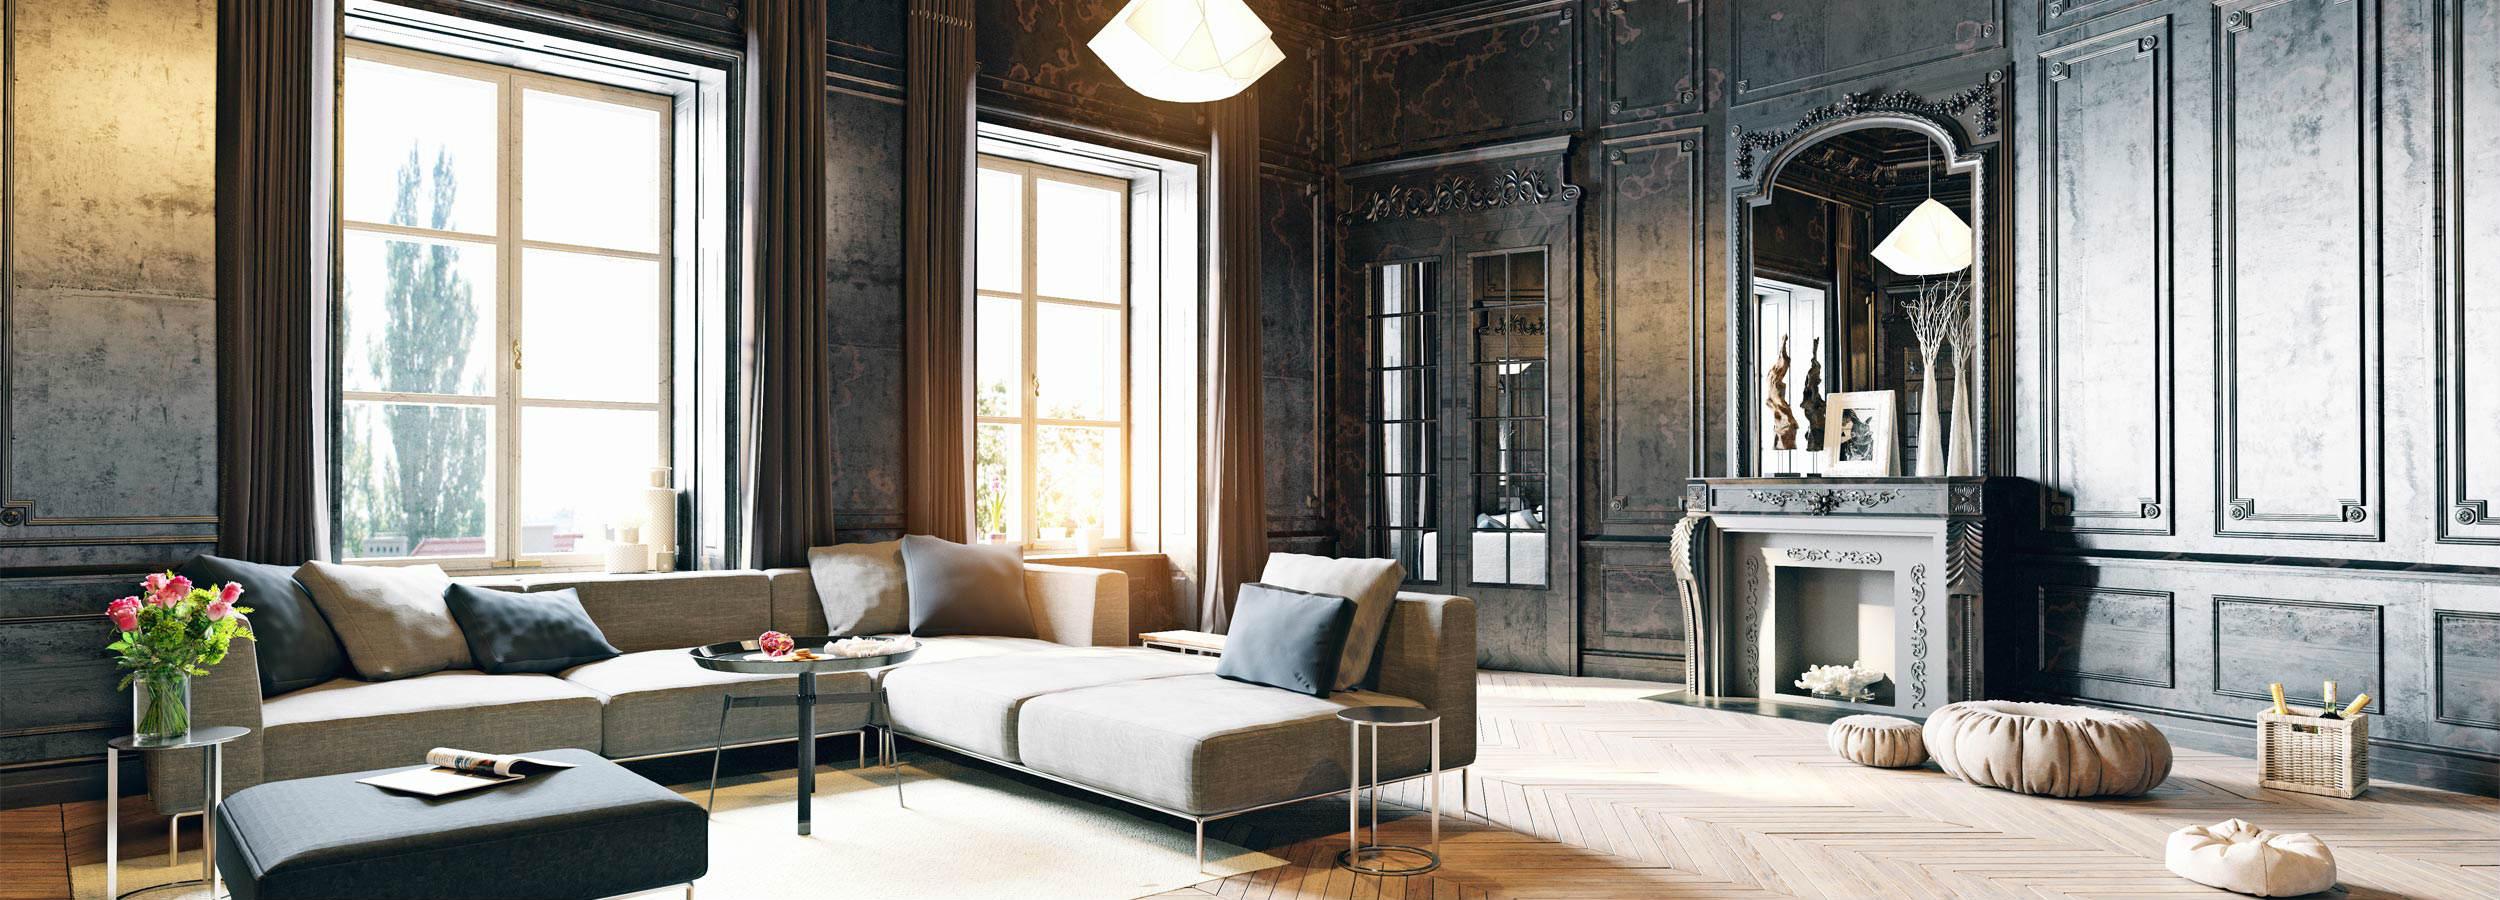 Home St Germain En Laye cabinet michel montoro - conseil immobilier, vente maison et